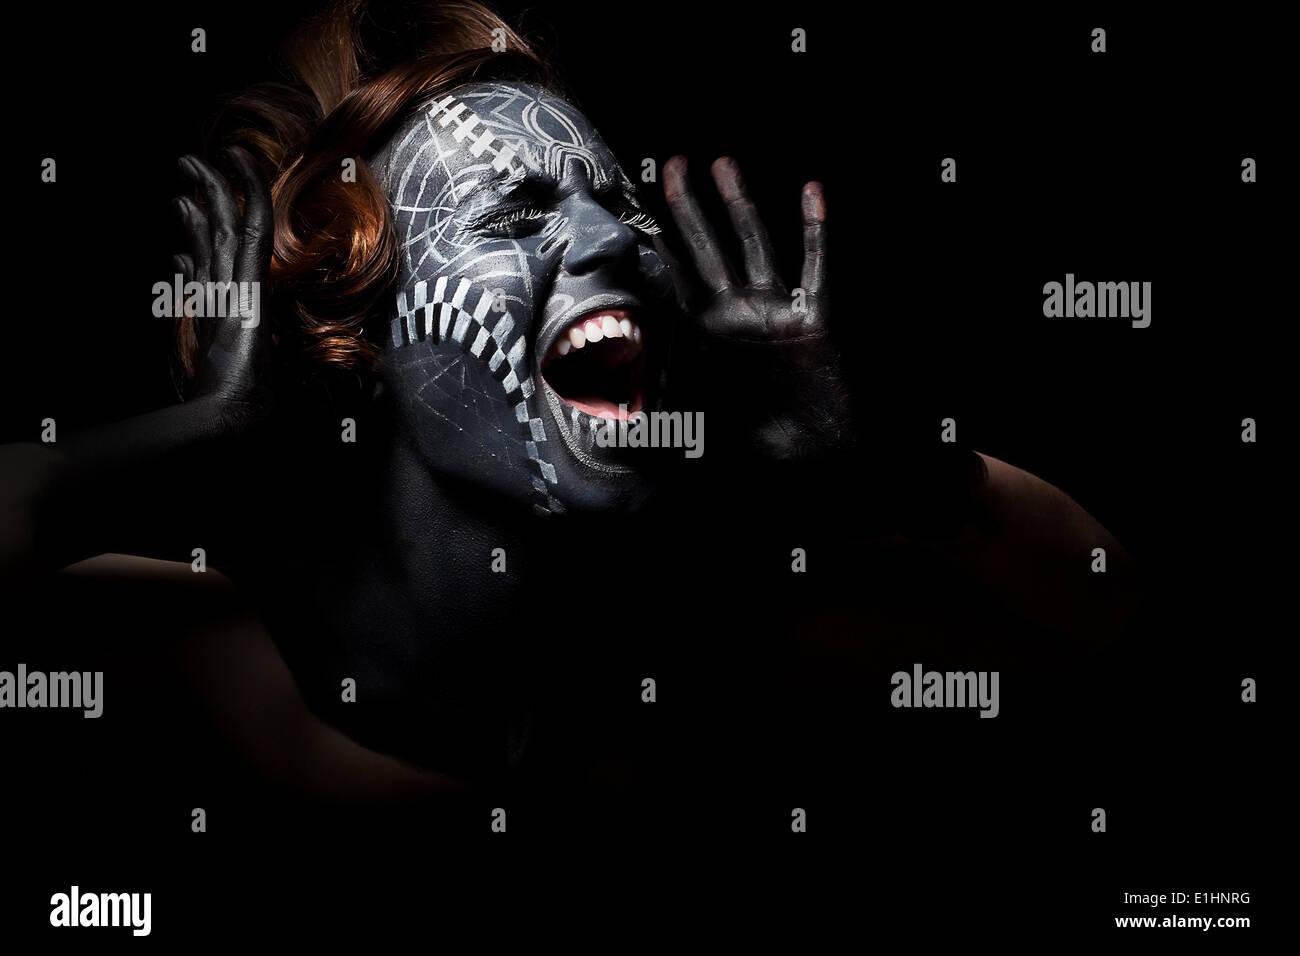 Foto de un arte étnico destacó mujer con pintadas de negro la máscara sobre la cara y el tatuaje Imagen De Stock